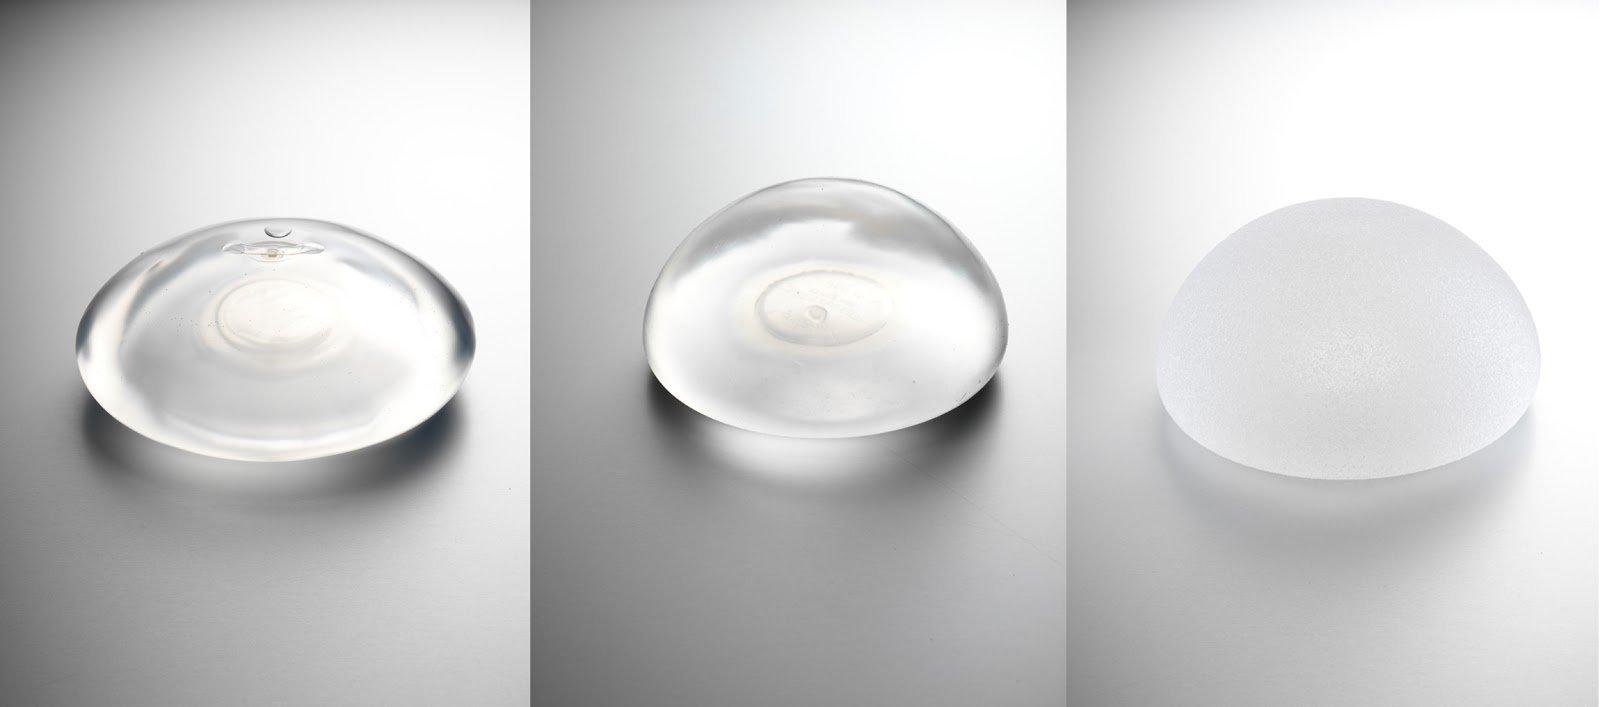 meme implant markaları